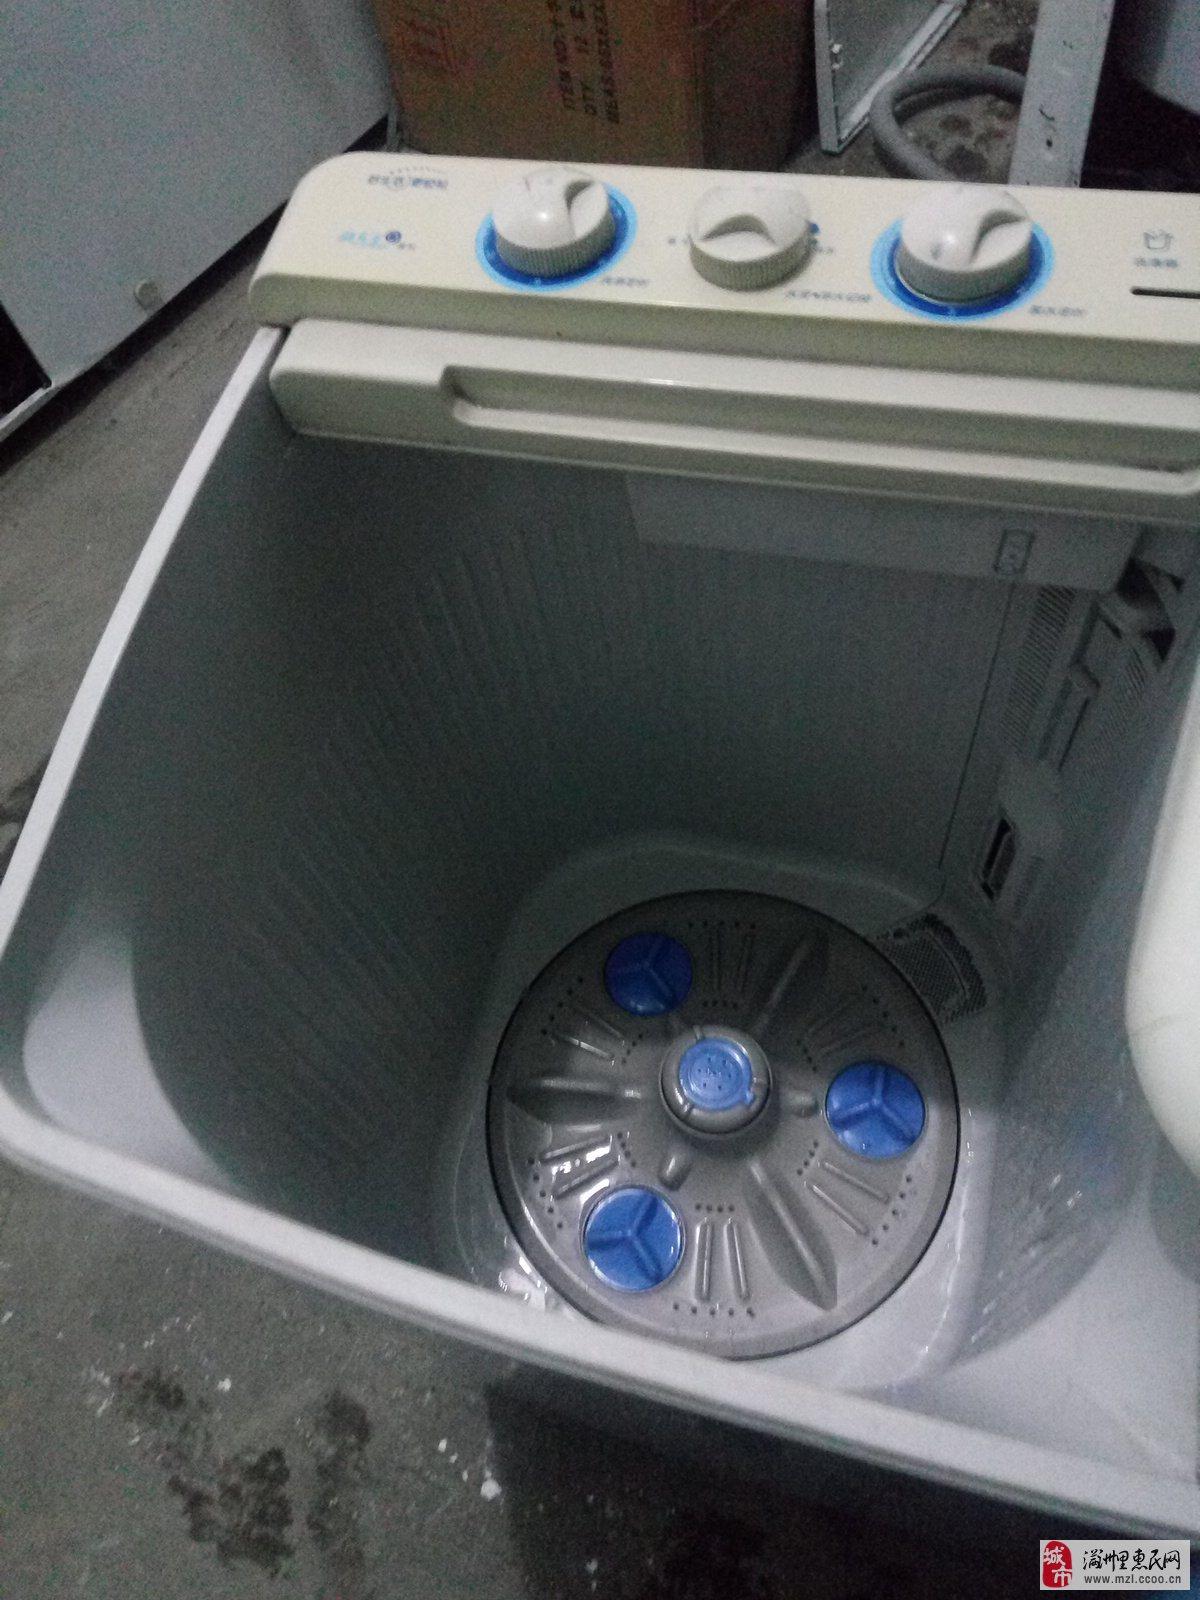 出售:二手荣事达双桶洗衣机.